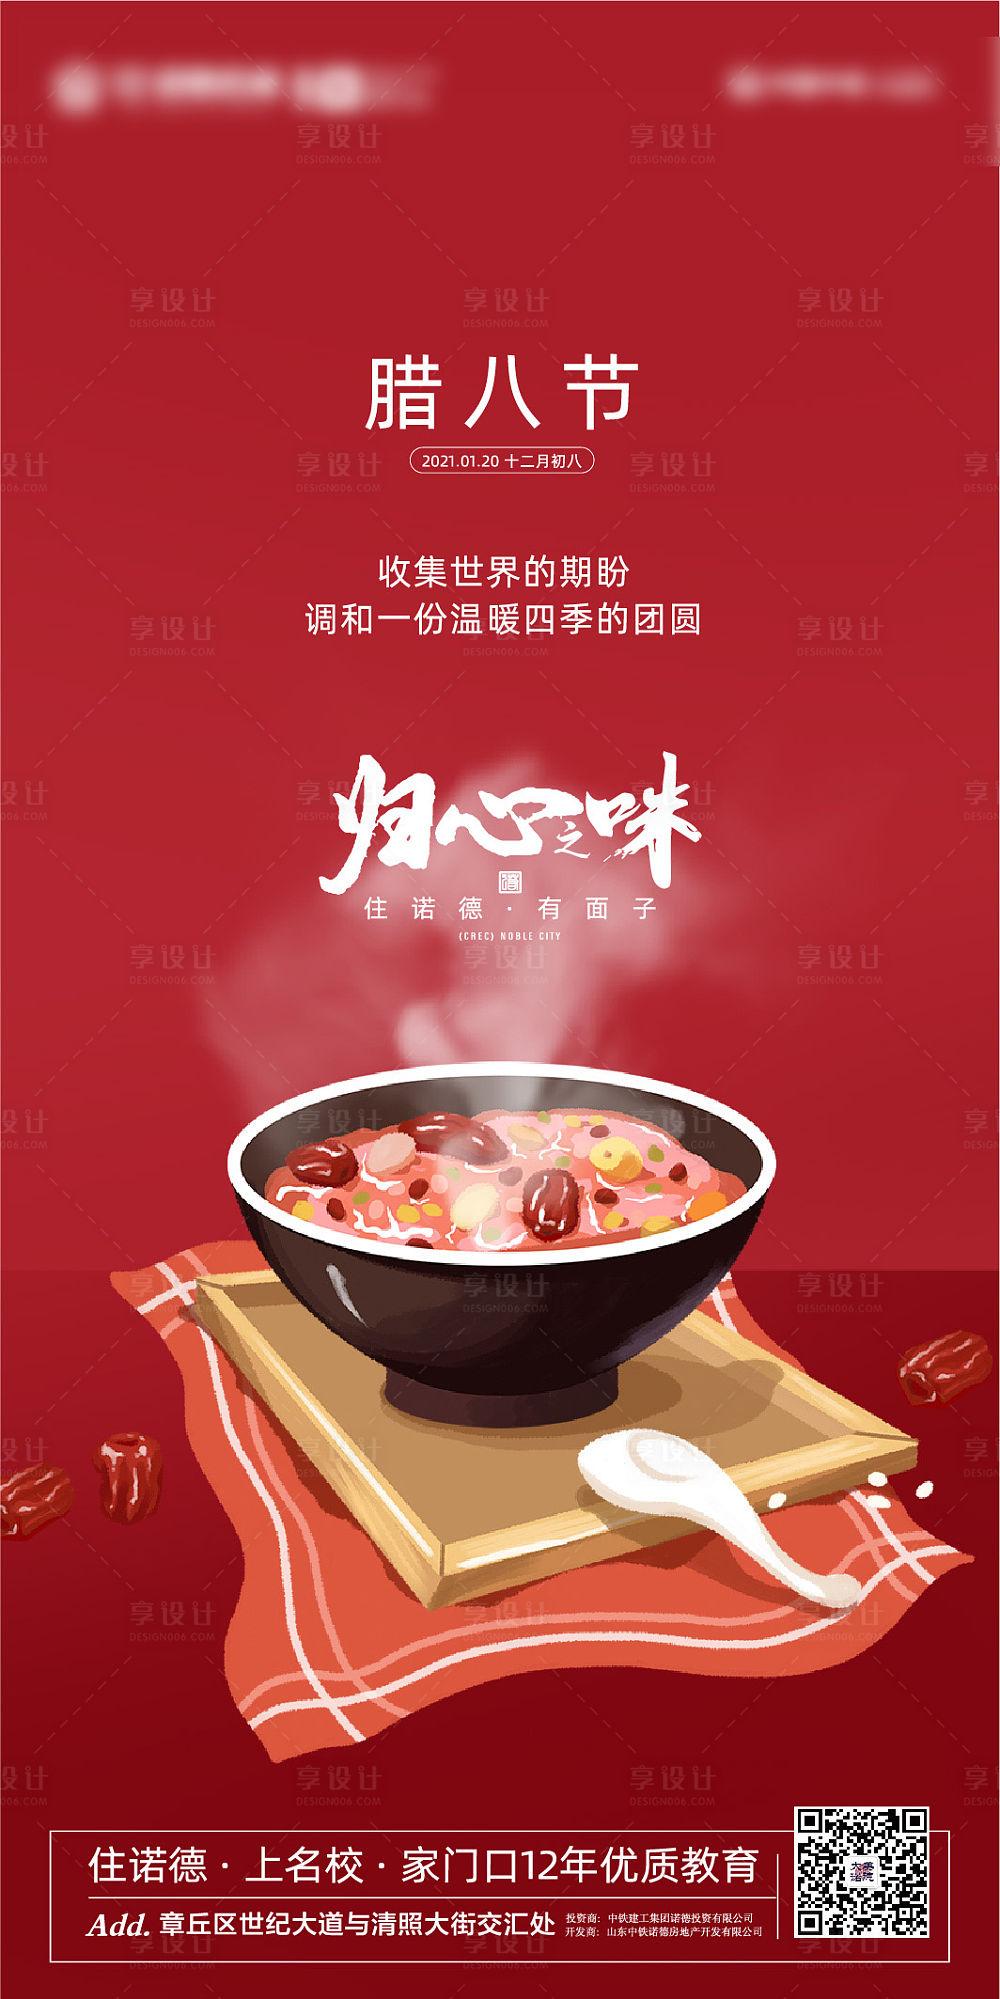 【源文件下载】 海报 房地产 中国传统节日 腊八节 腊八粥 插画设计作品 设计图集